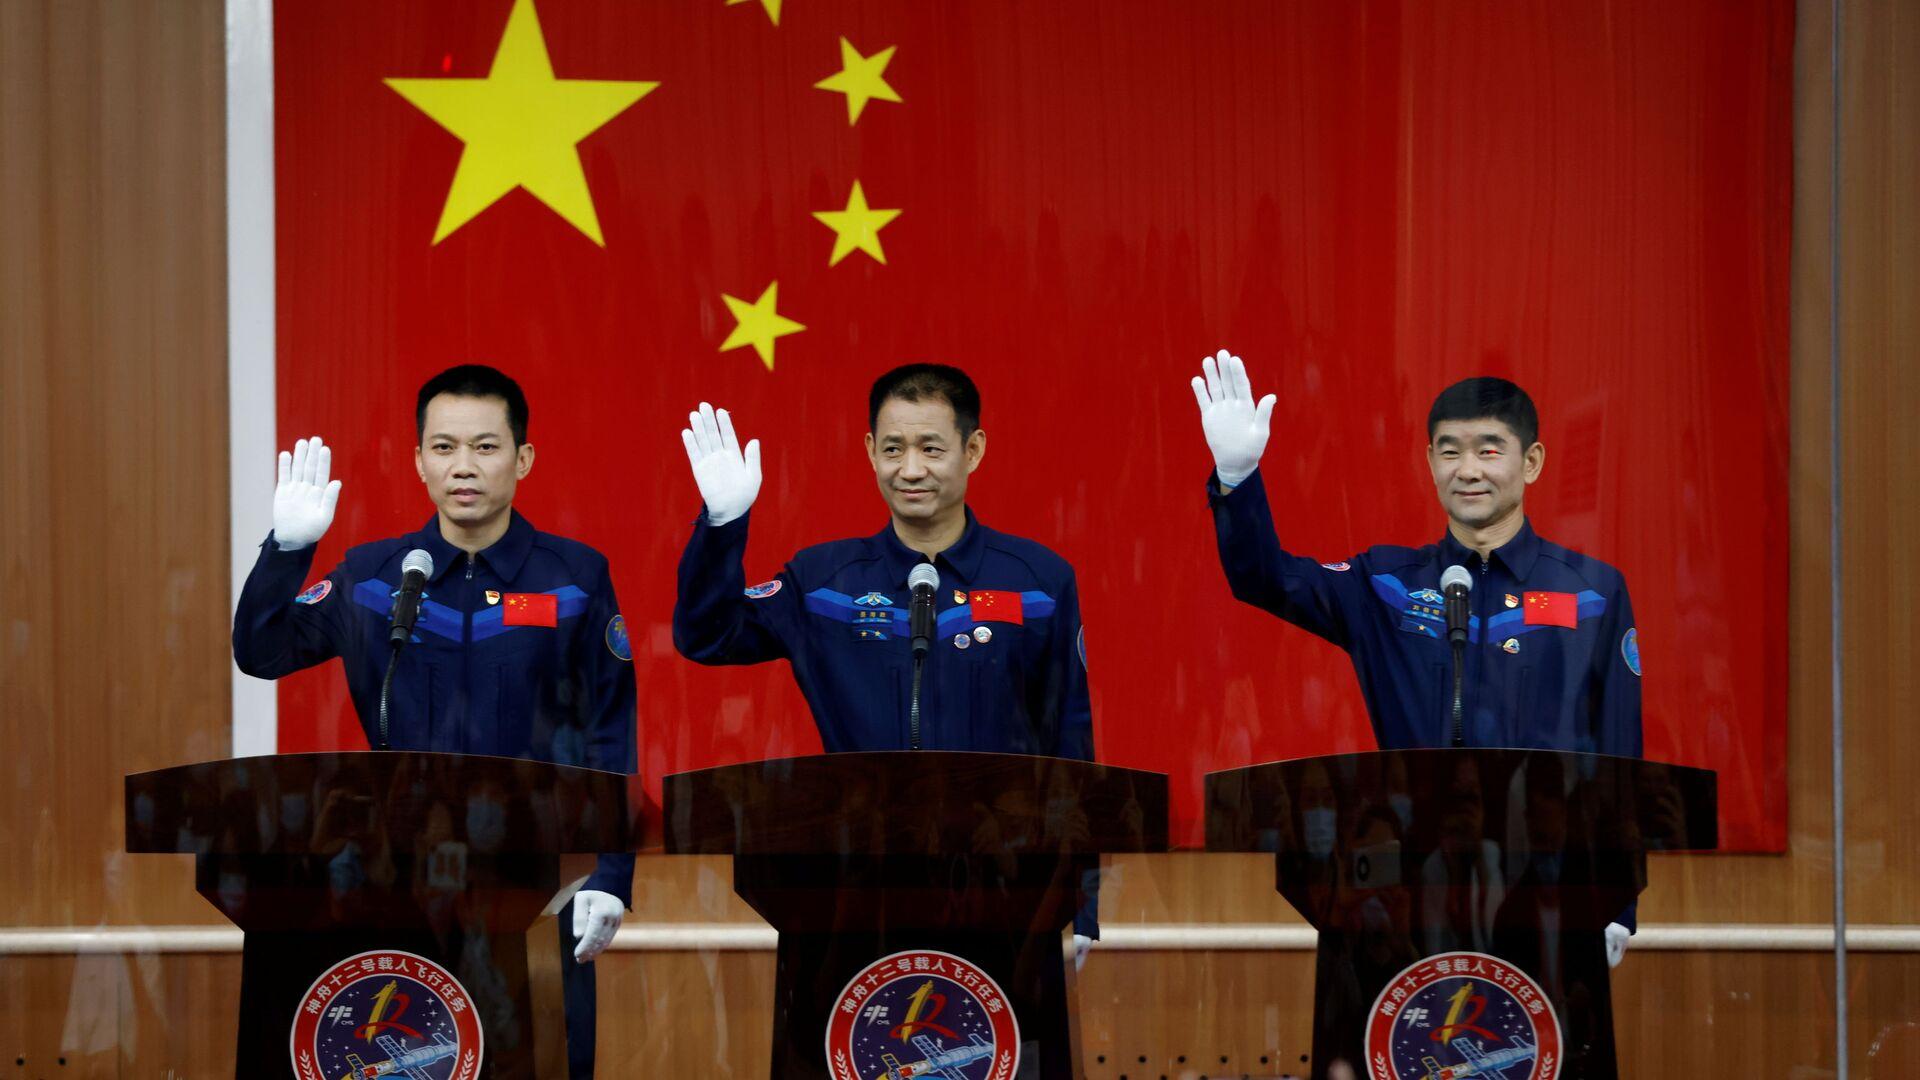 Китайские астронавты на пресс-конференции до полета в космос  - Sputnik Mundo, 1920, 26.07.2021